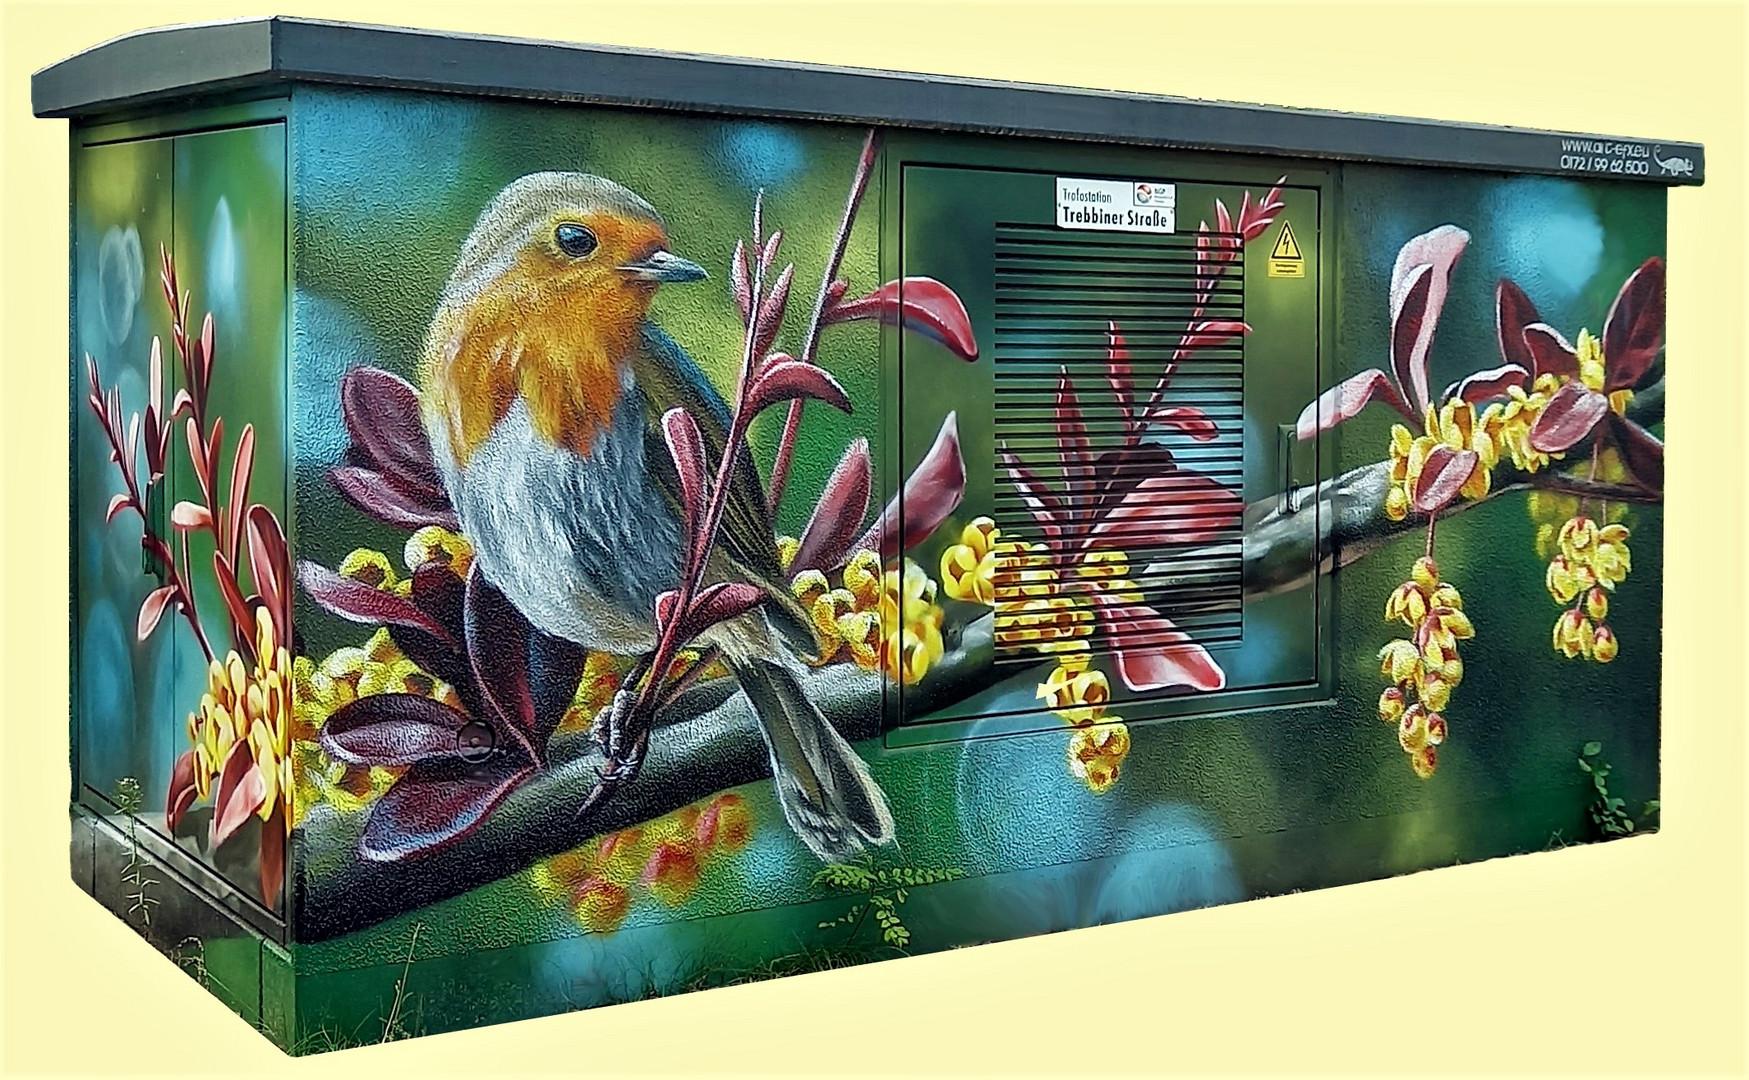 Trafohaus Graffiti